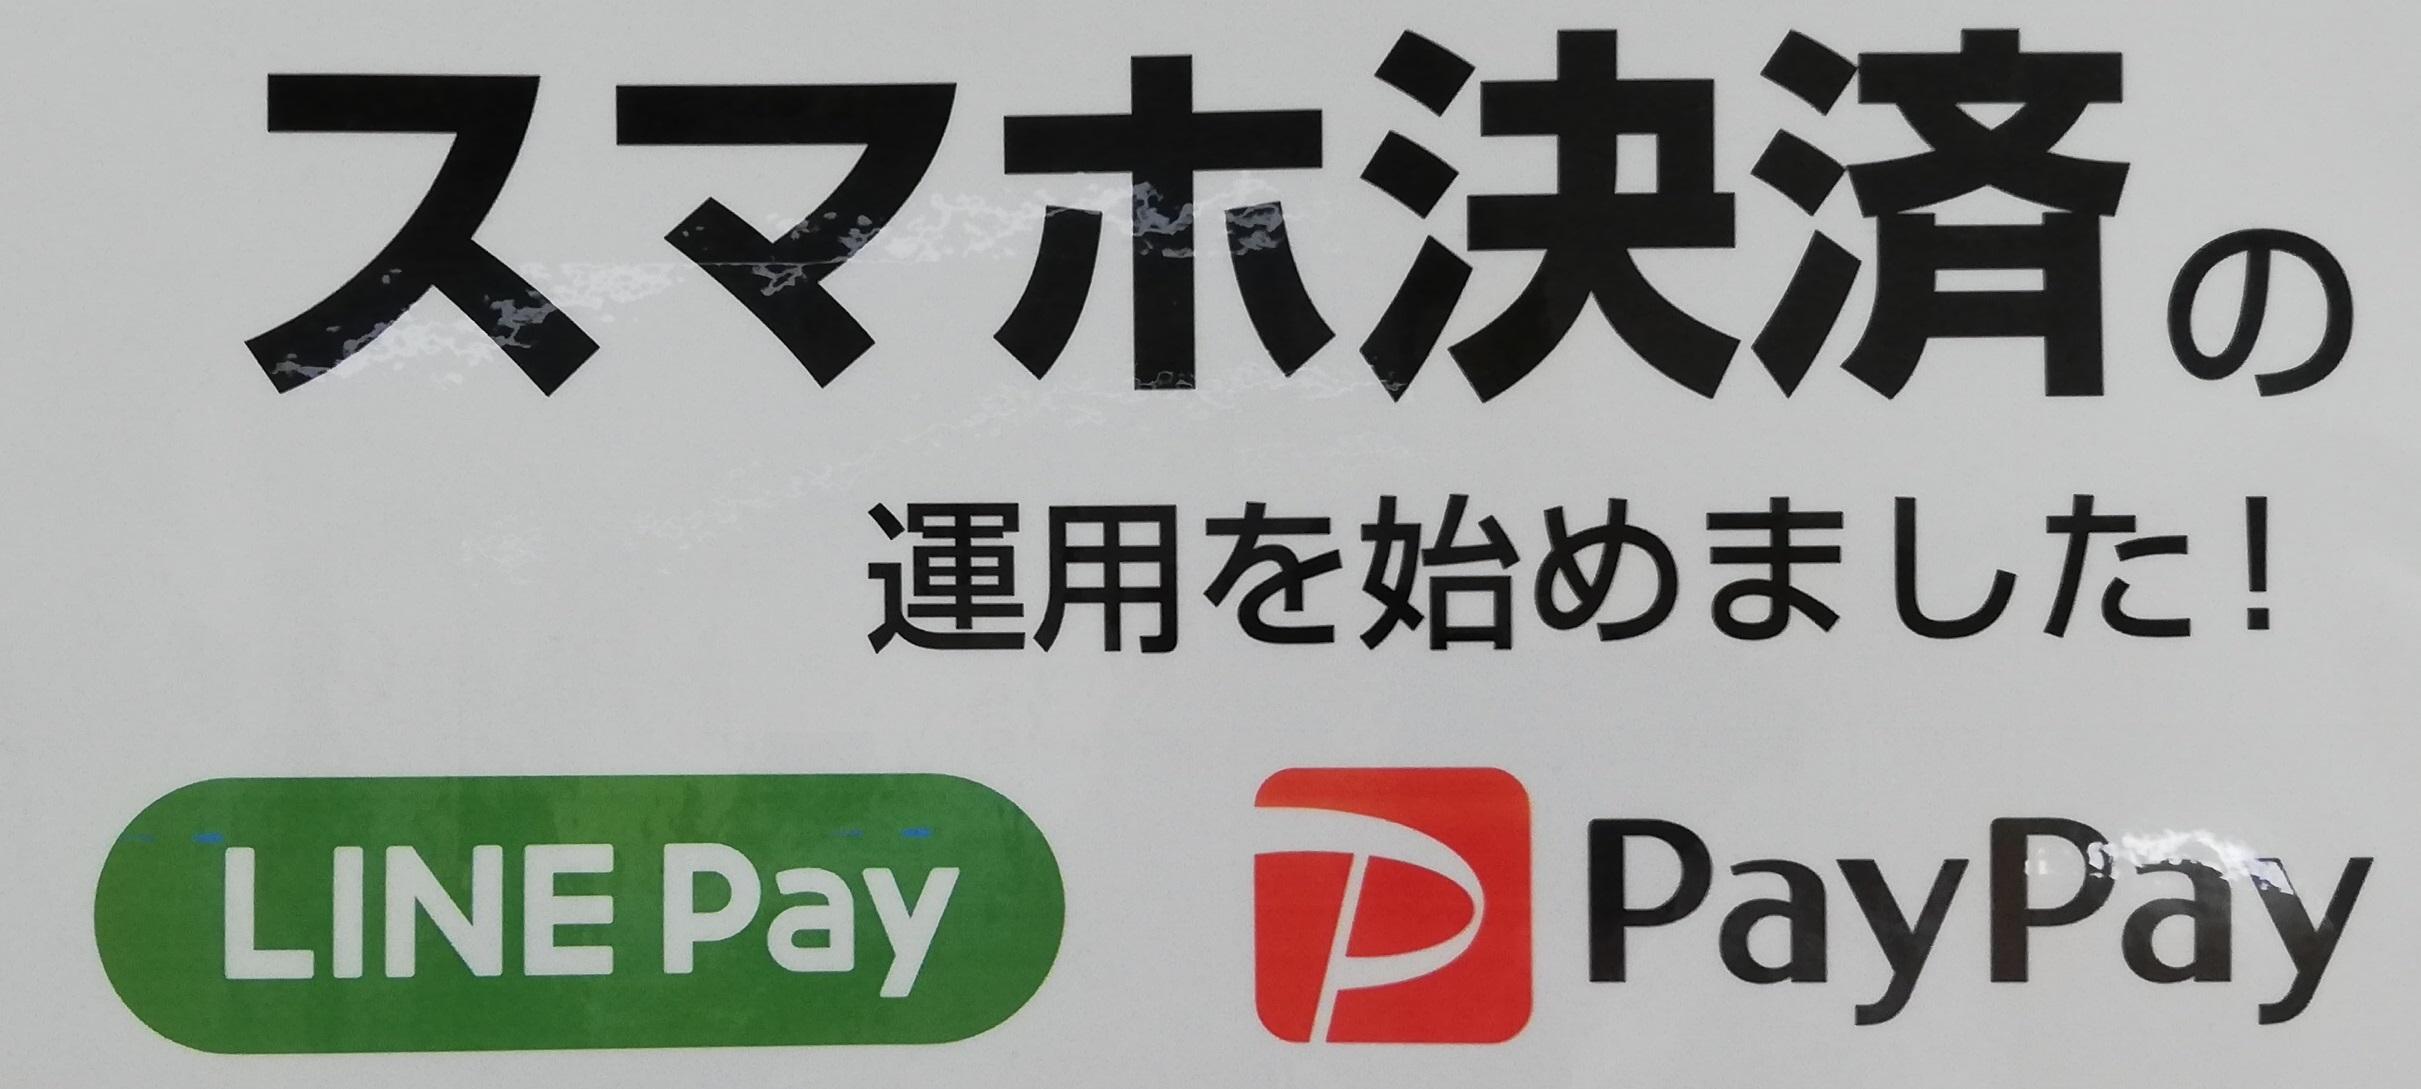 Pay払い